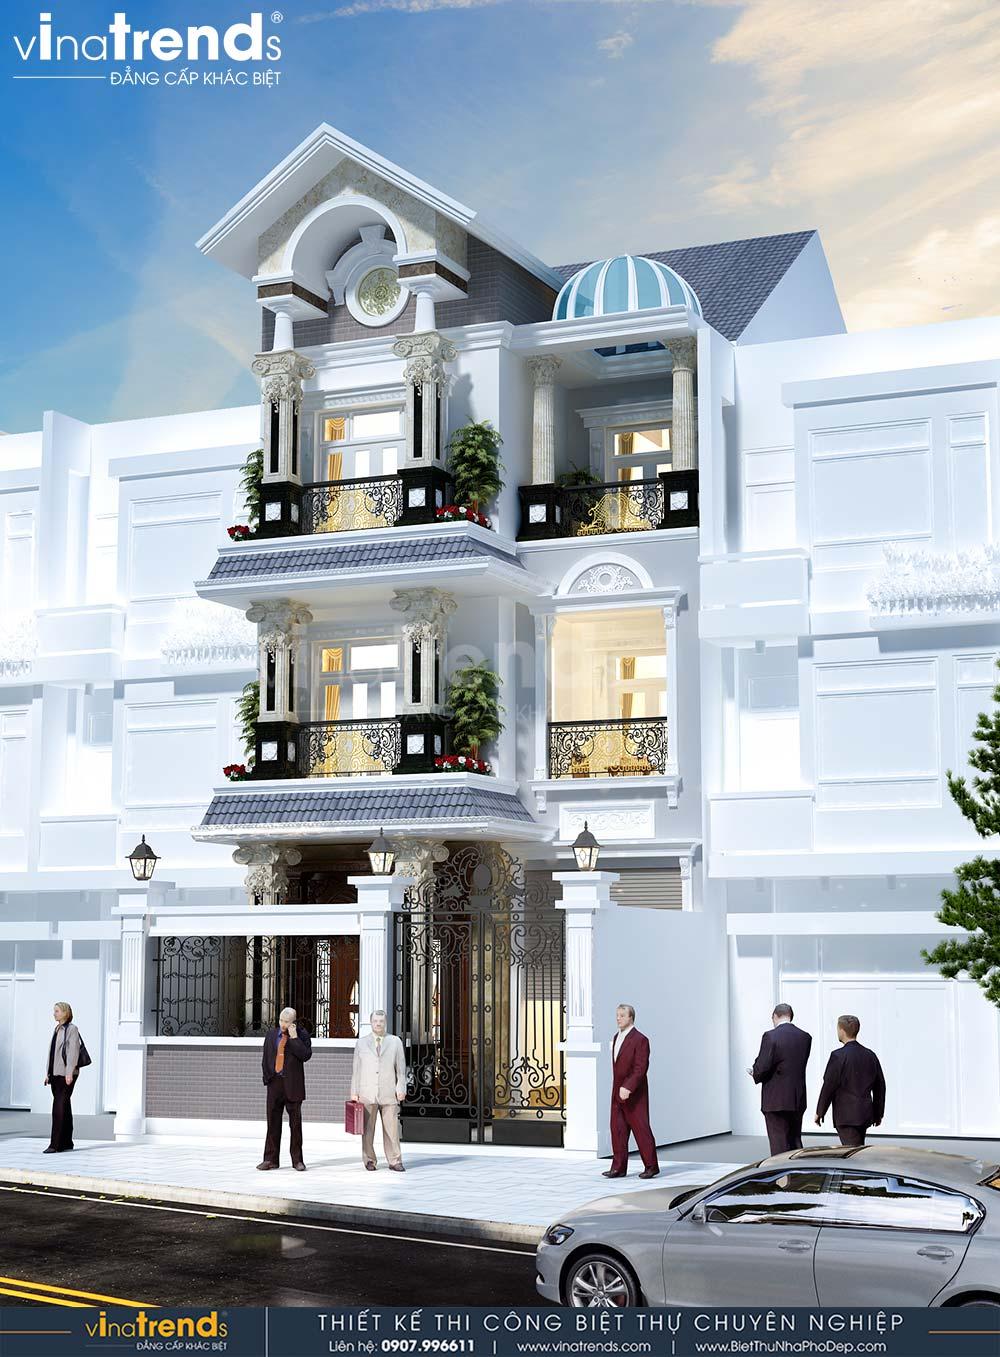 mau nha biet thu 3 tang dep co dien mai thai mat tien 7m dai 15m Mẫu nhà biệt thự 3 tầng cổ điển mái thái 7m dài 15m nhà anh Ẩn ở Hồ Chí Minh